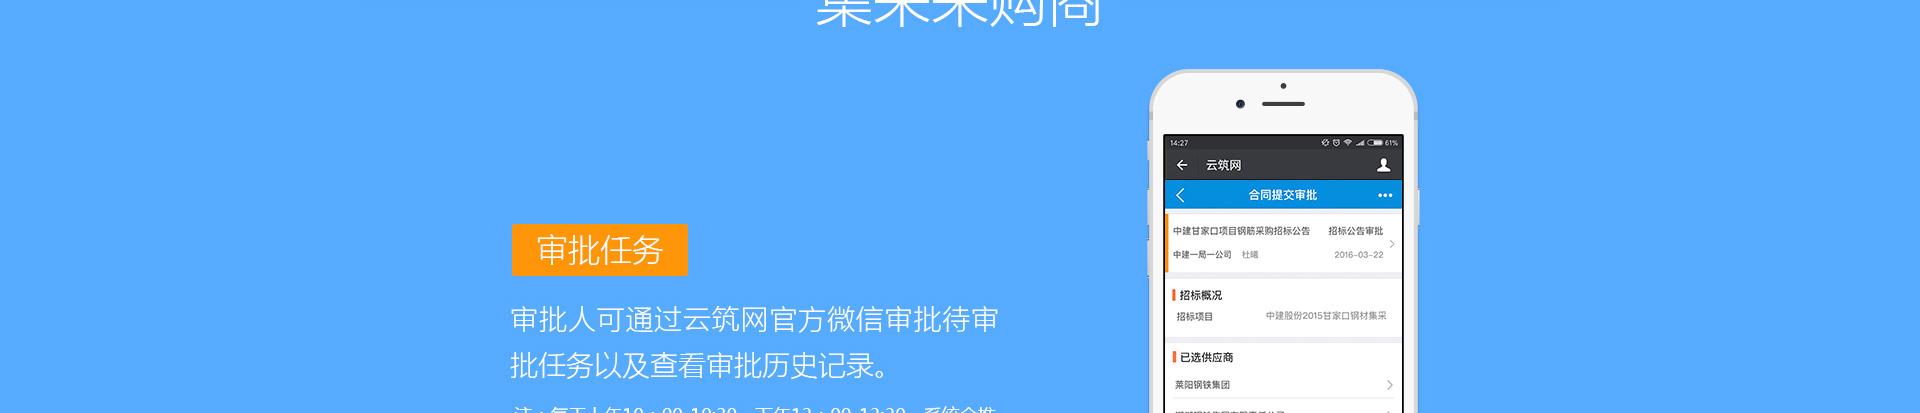 云筑网官方微信